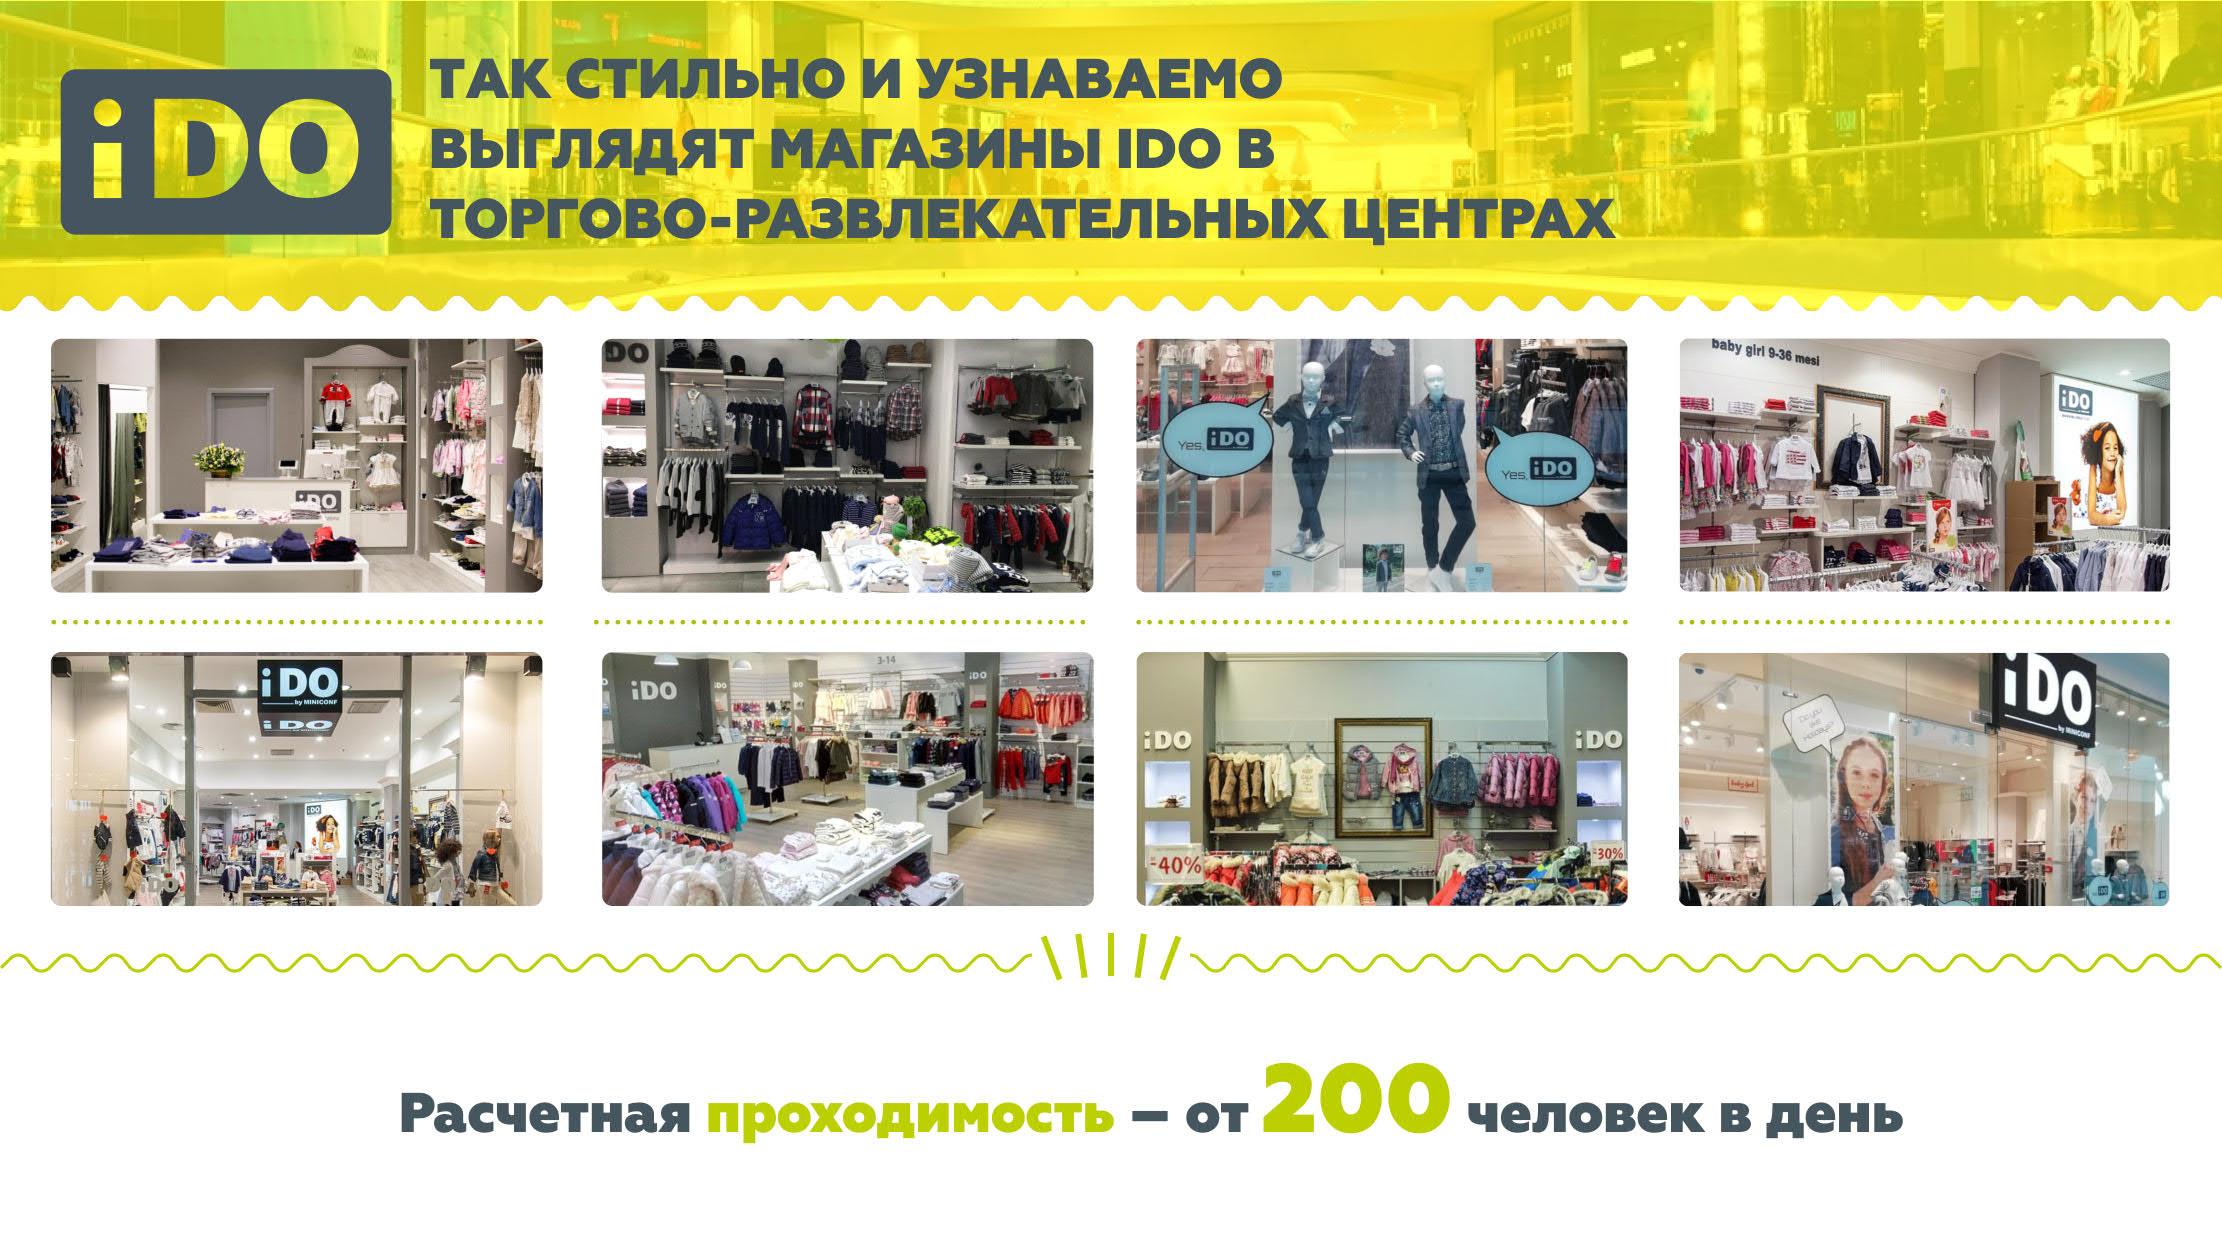 Презентация магазинов брендовой детской одежды iDO